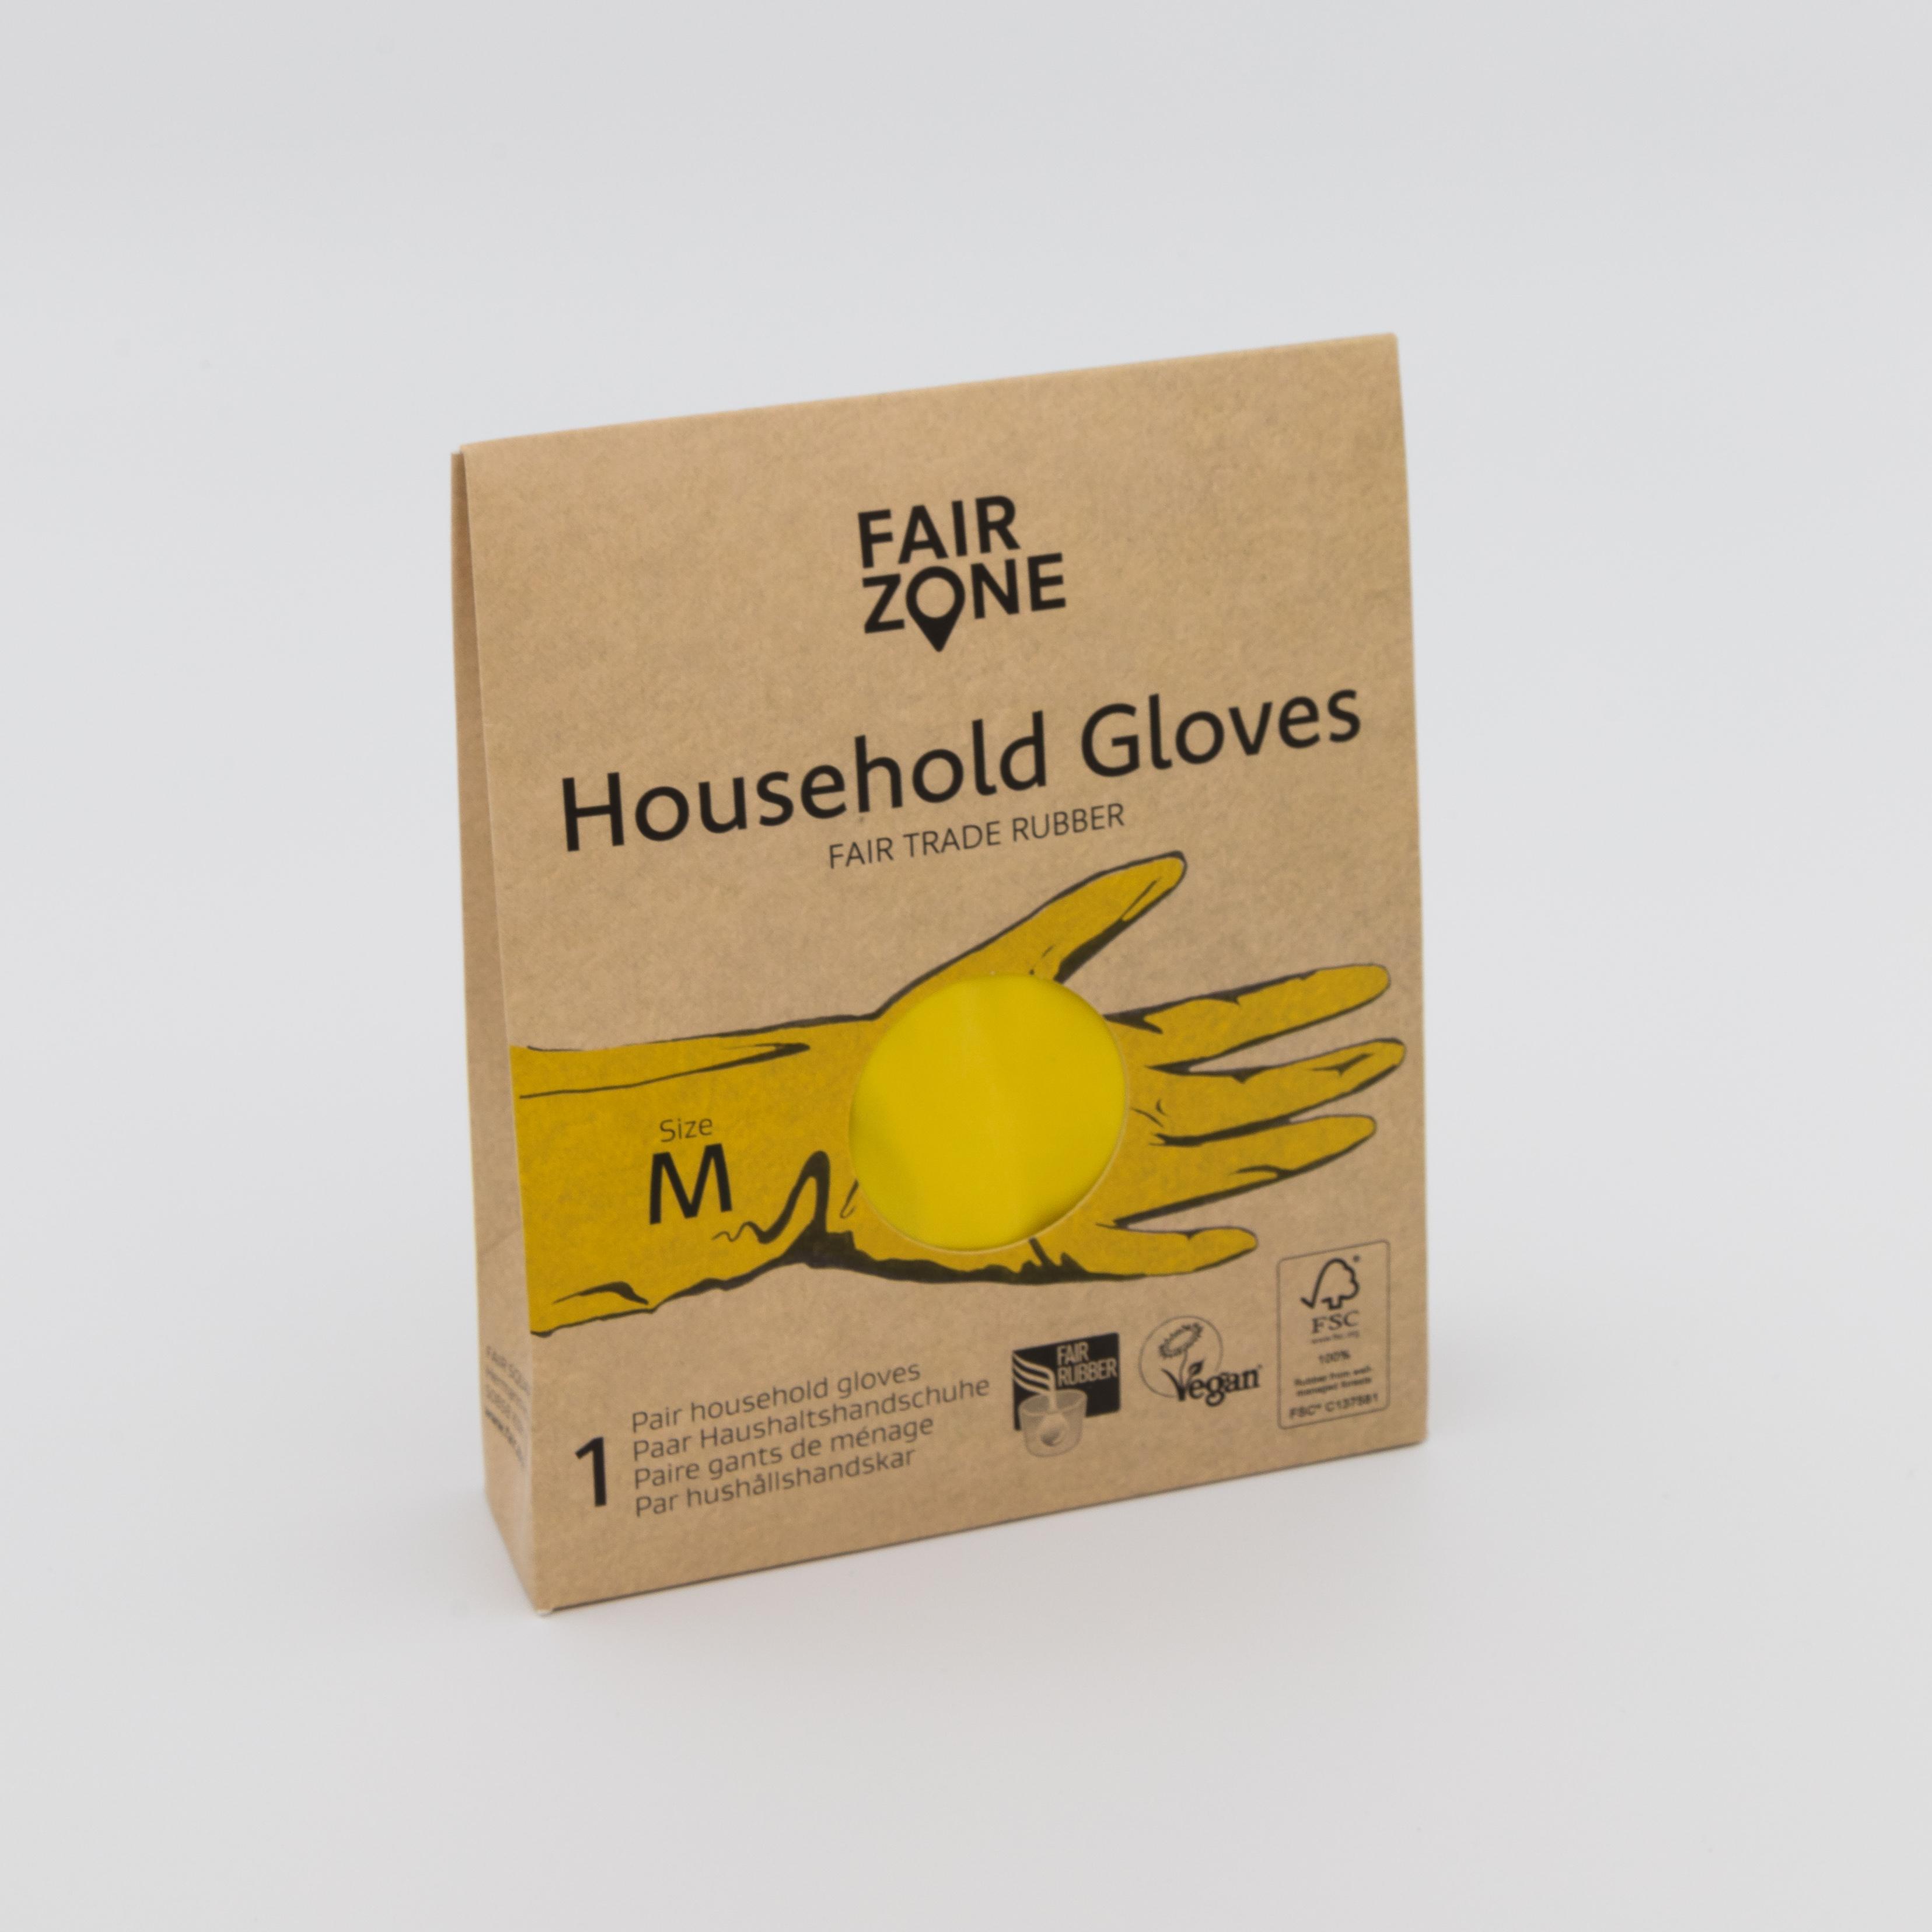 Gelbe Haushaltshandschuhe in kartonierter Verpackung.